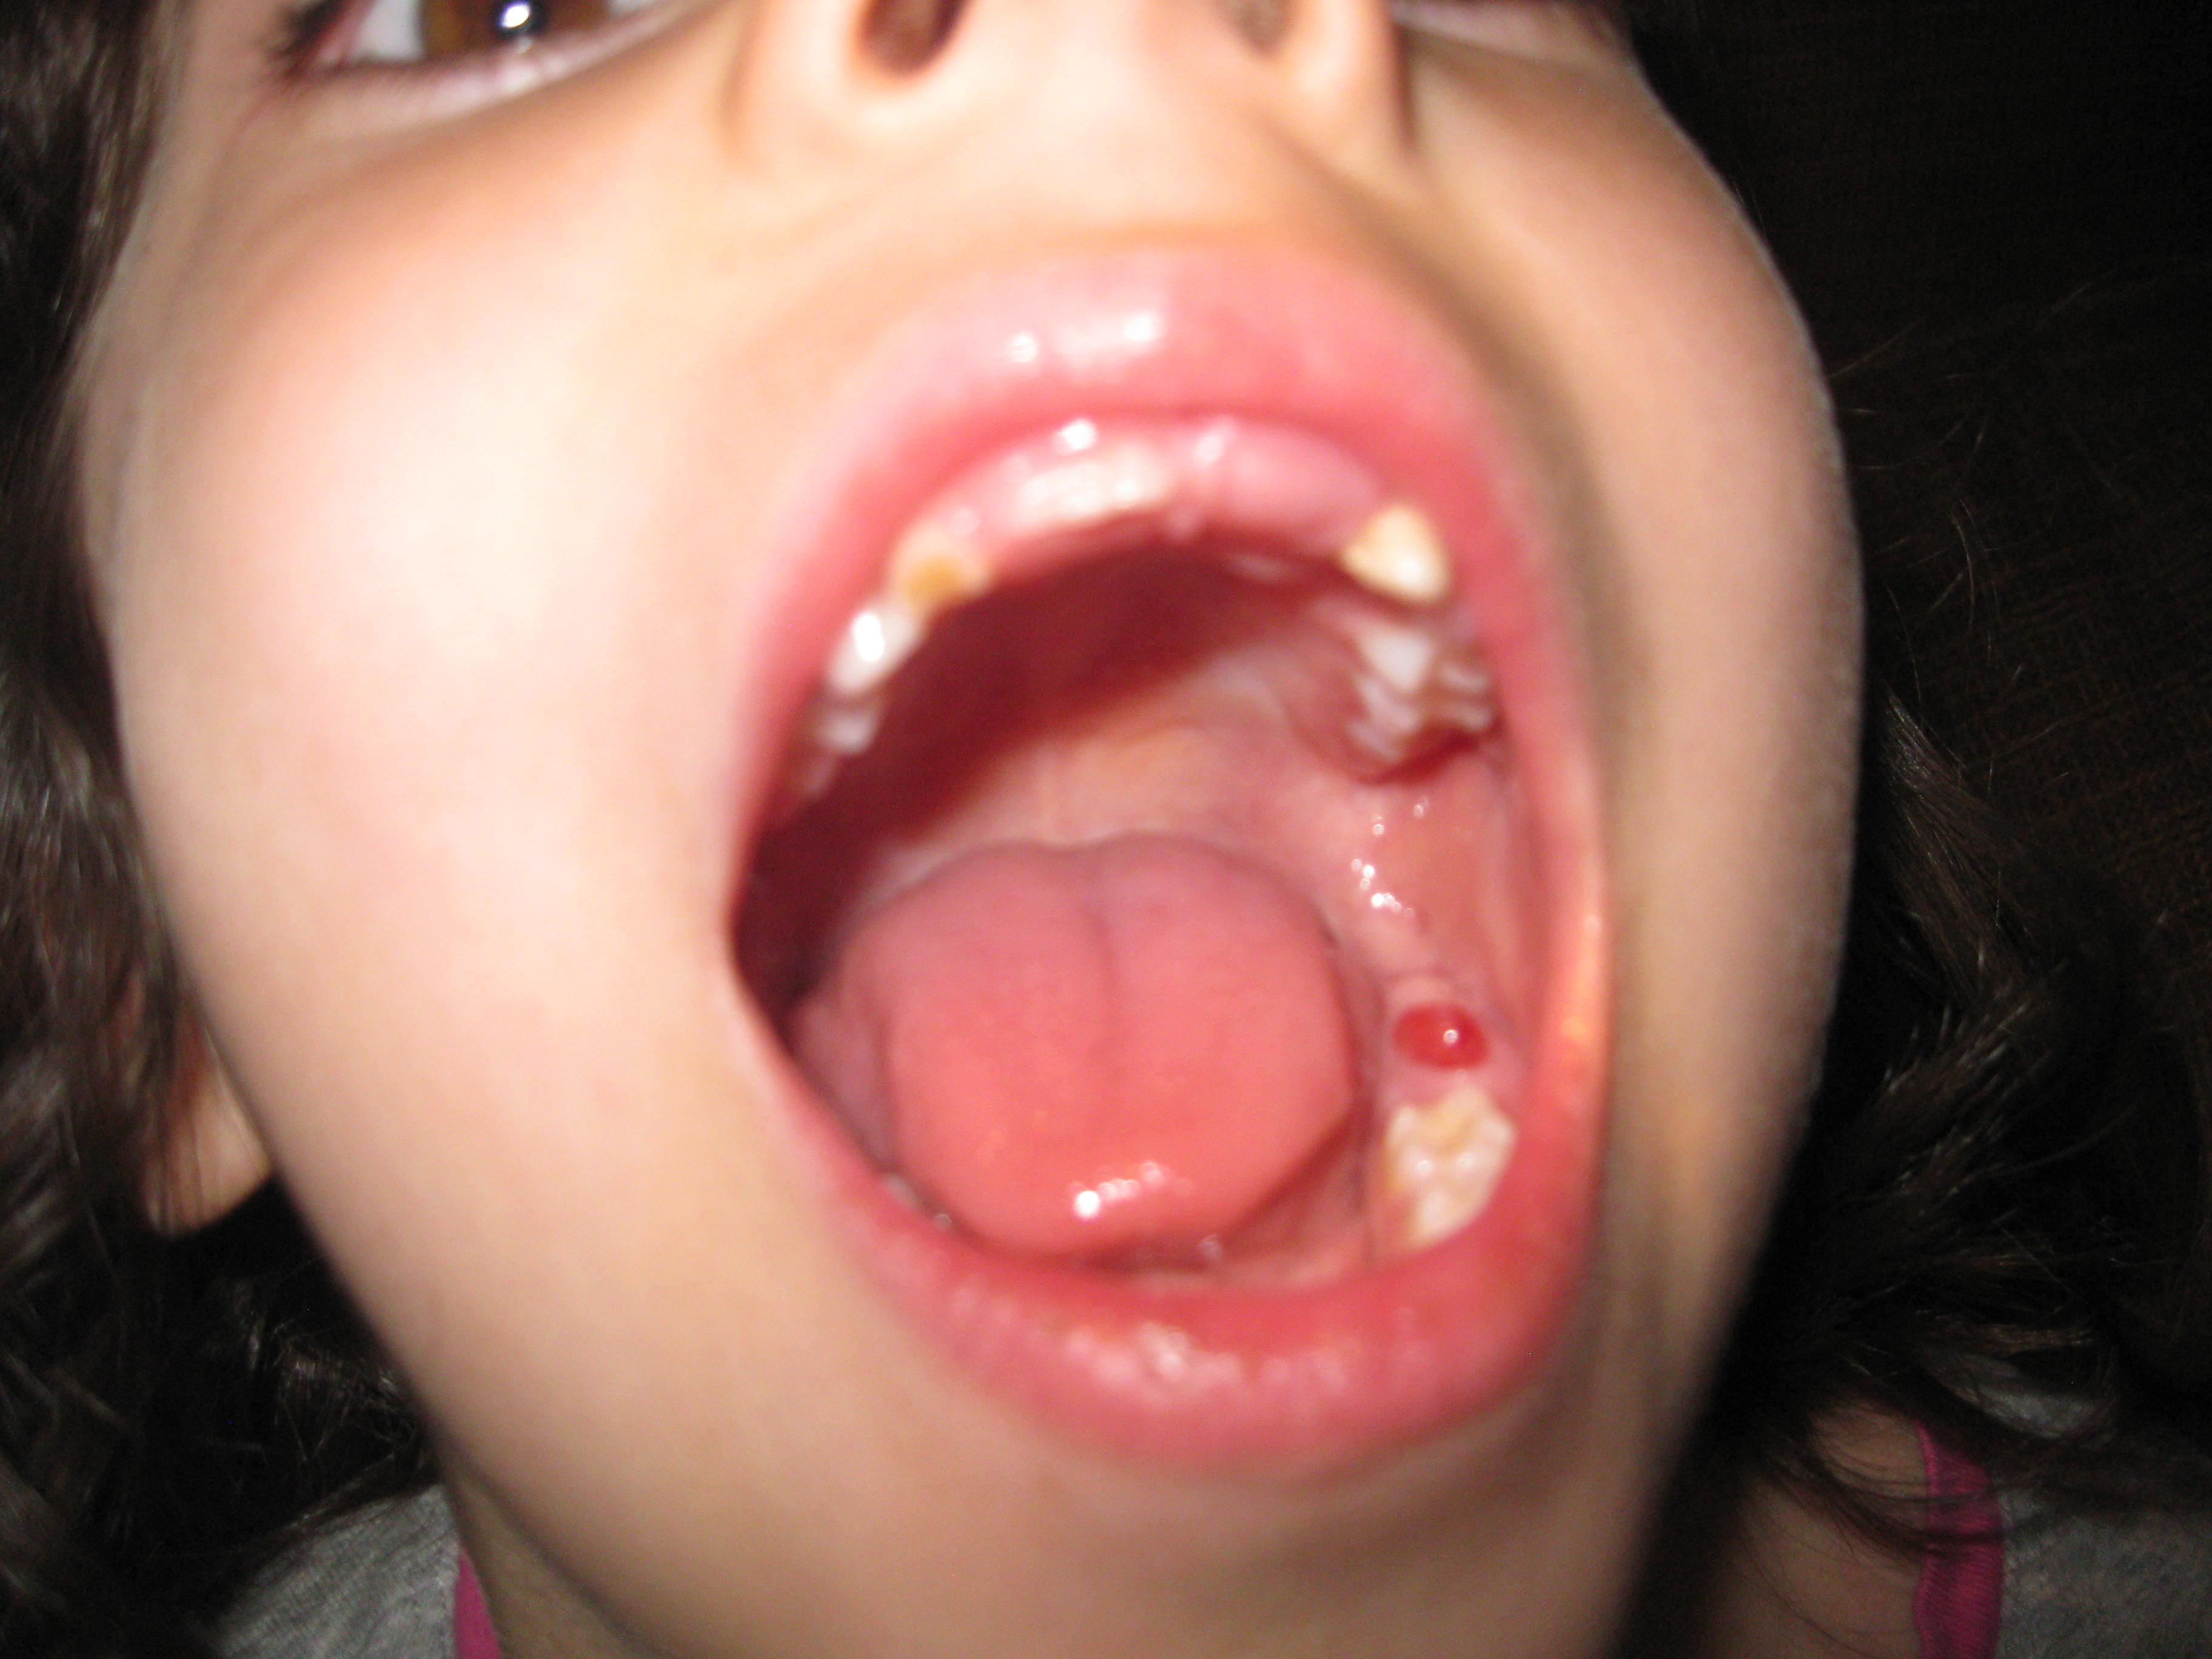 Blood Blister On Gums